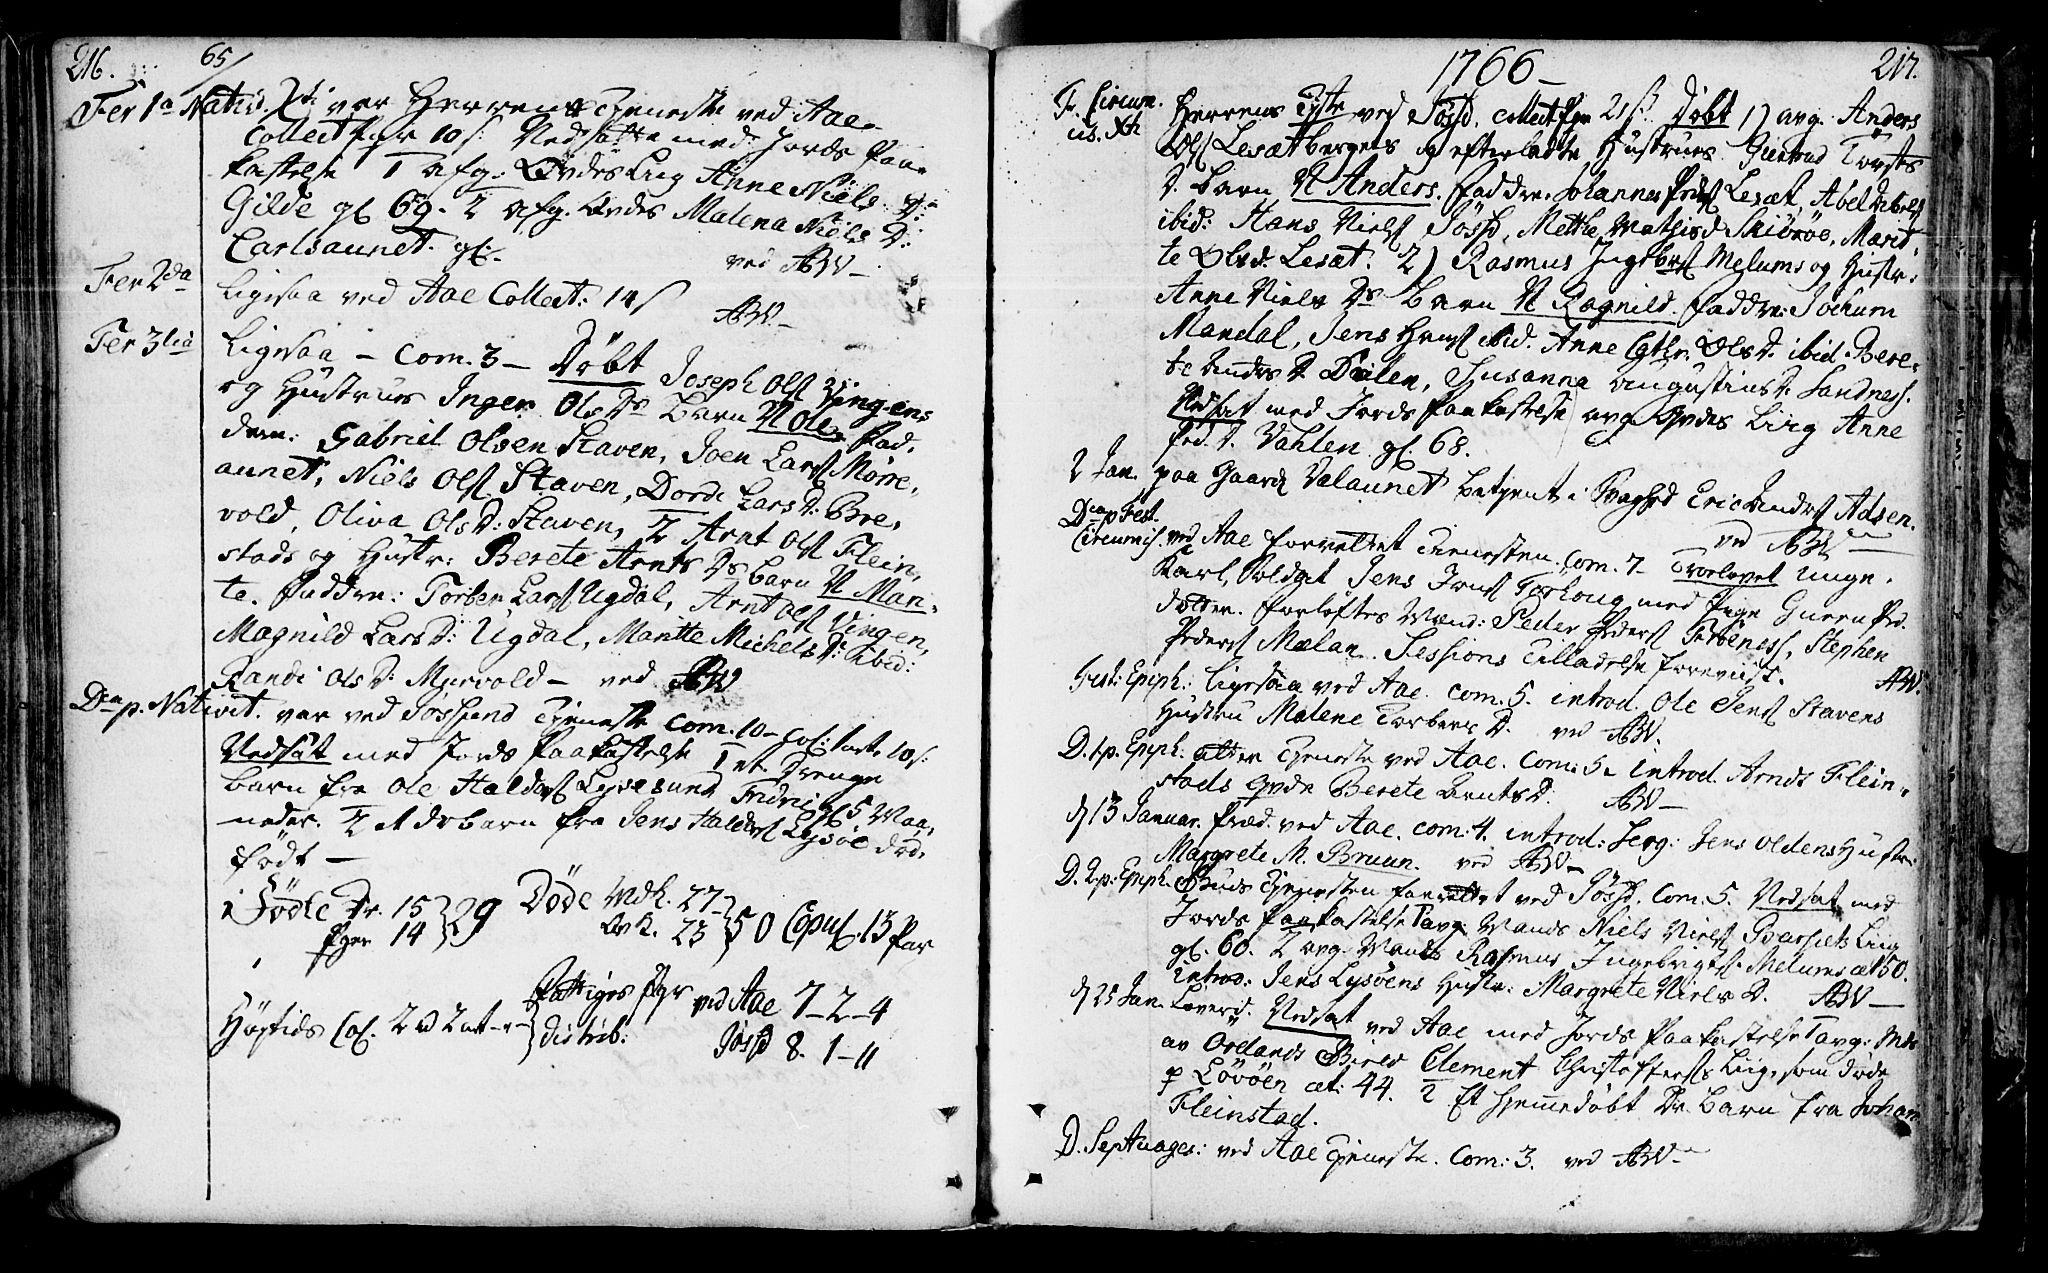 SAT, Ministerialprotokoller, klokkerbøker og fødselsregistre - Sør-Trøndelag, 655/L0672: Ministerialbok nr. 655A01, 1750-1779, s. 216-217